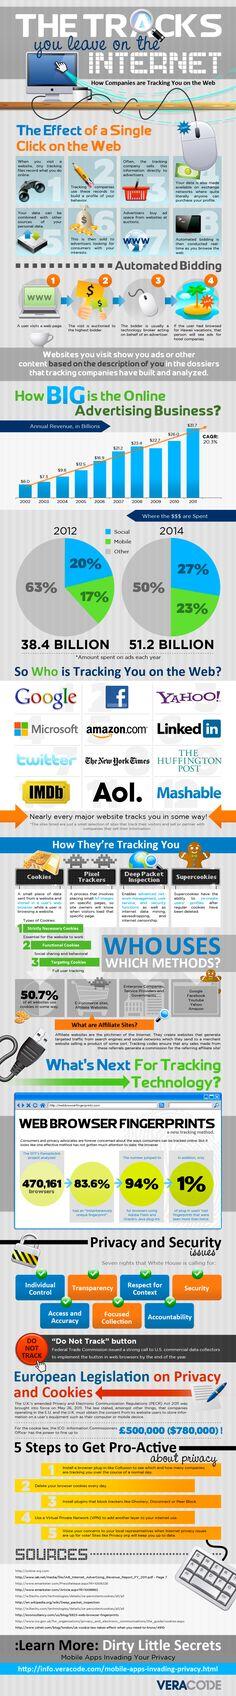 Schöne Infografik - Wie Sie Unternehmen im Internet verfolgen: